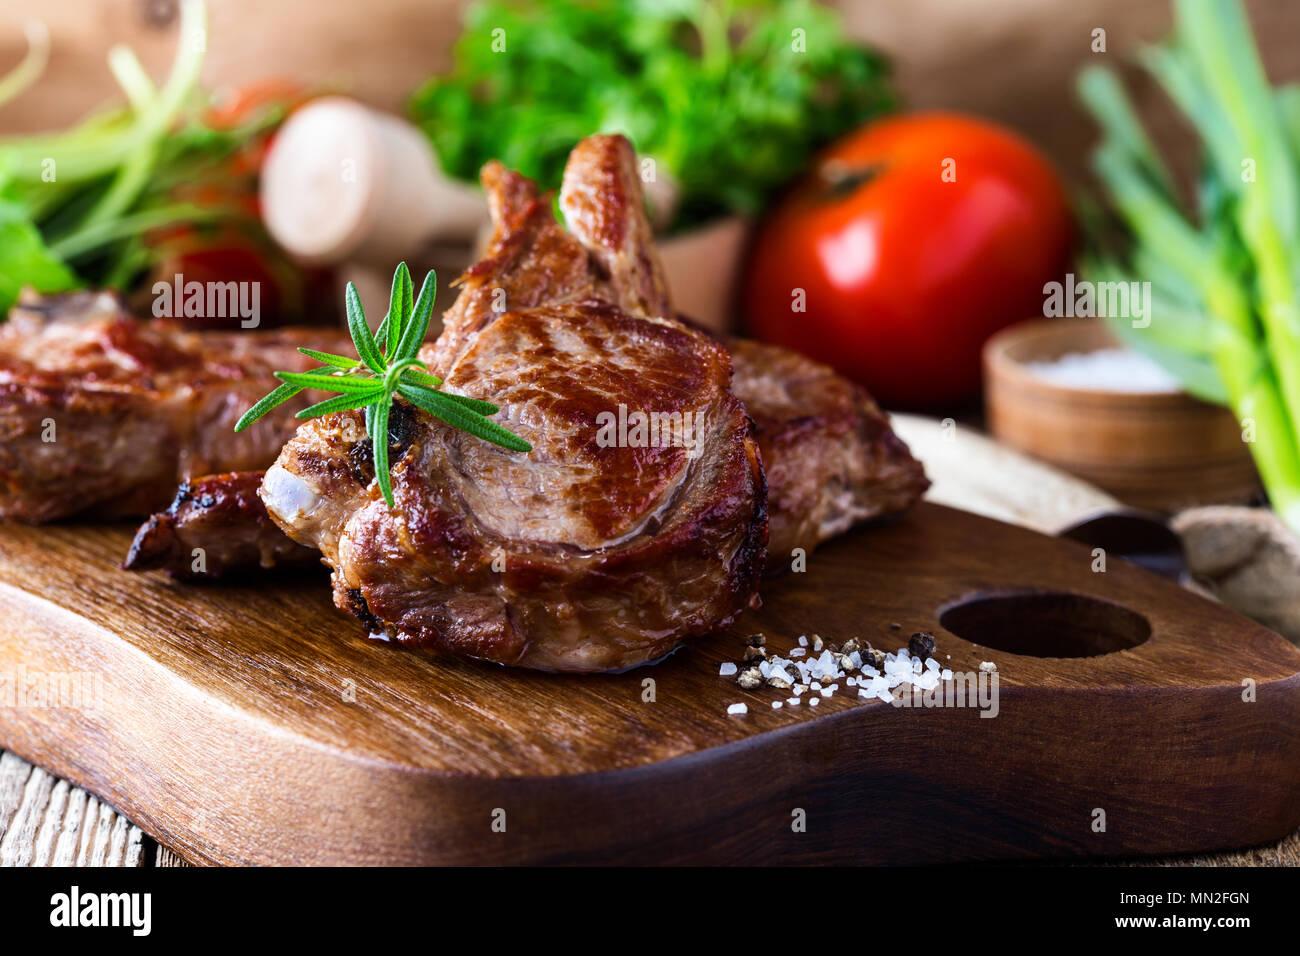 Gebratenen Kalbskoteletts mit frischen Kräutern und Gemüse auf rustikalen hölzernen Schneidebrett, in der Pfanne angebraten Steak zum Abendessen Stockbild